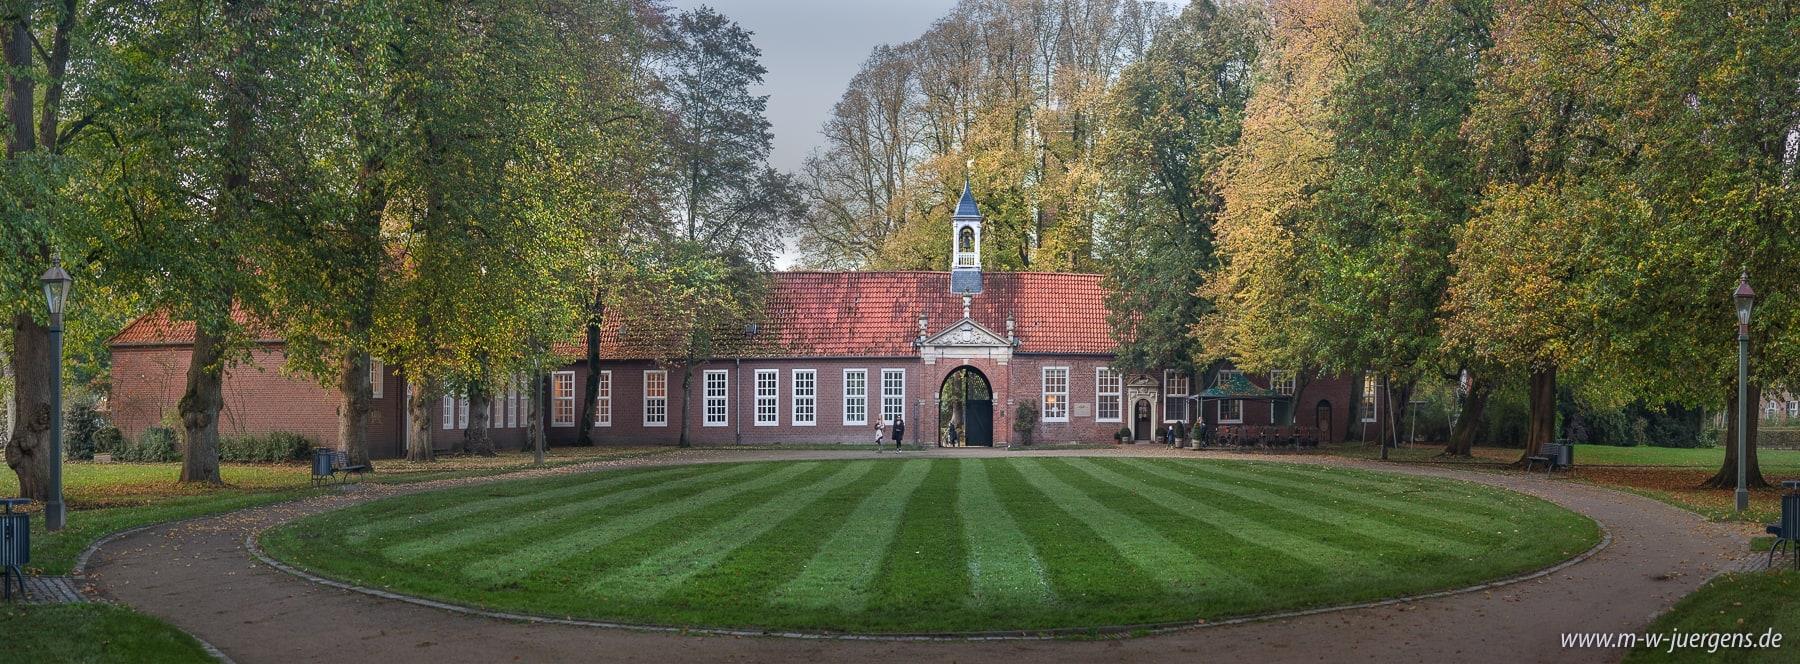 Schloss Evenburg Leer, Ausstellungen, Kunst in Ostfriesland, Fotografie und Malerei, Katharina John, Manfred W. Jürgens, Auf Augenhöhe